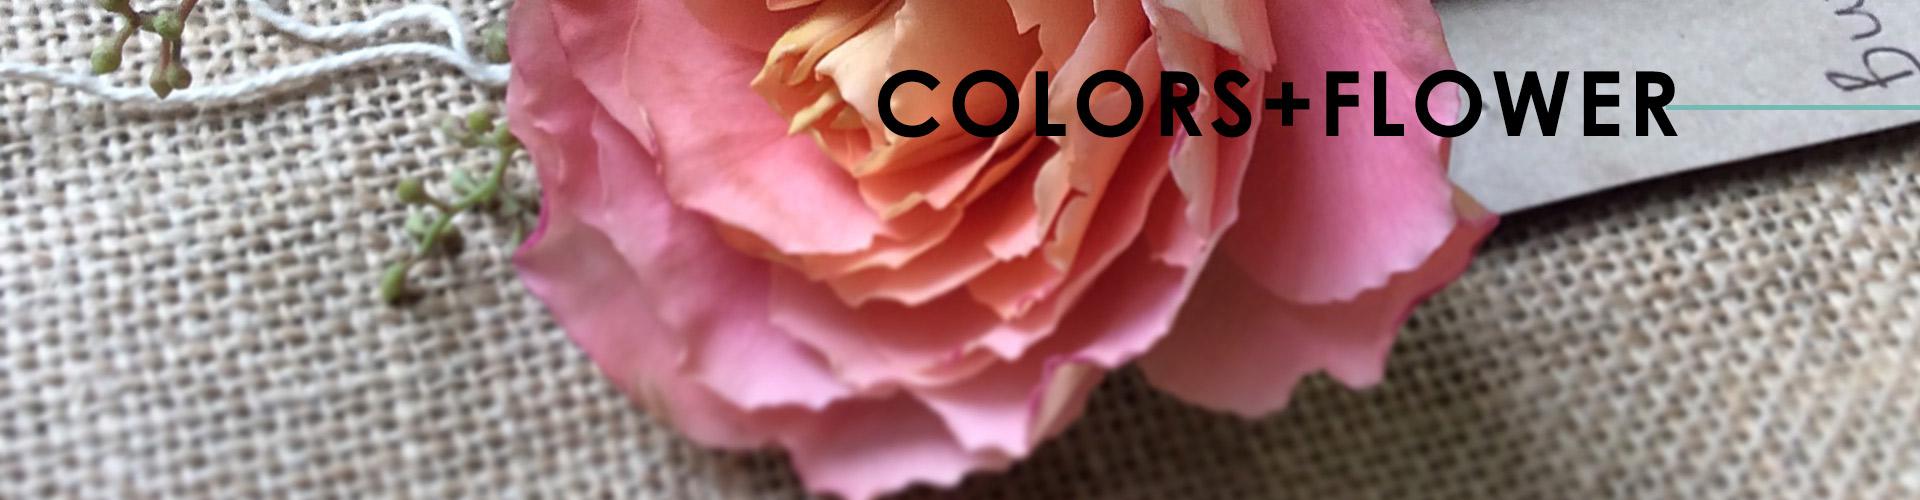 enspiral-flores-slide4-EN